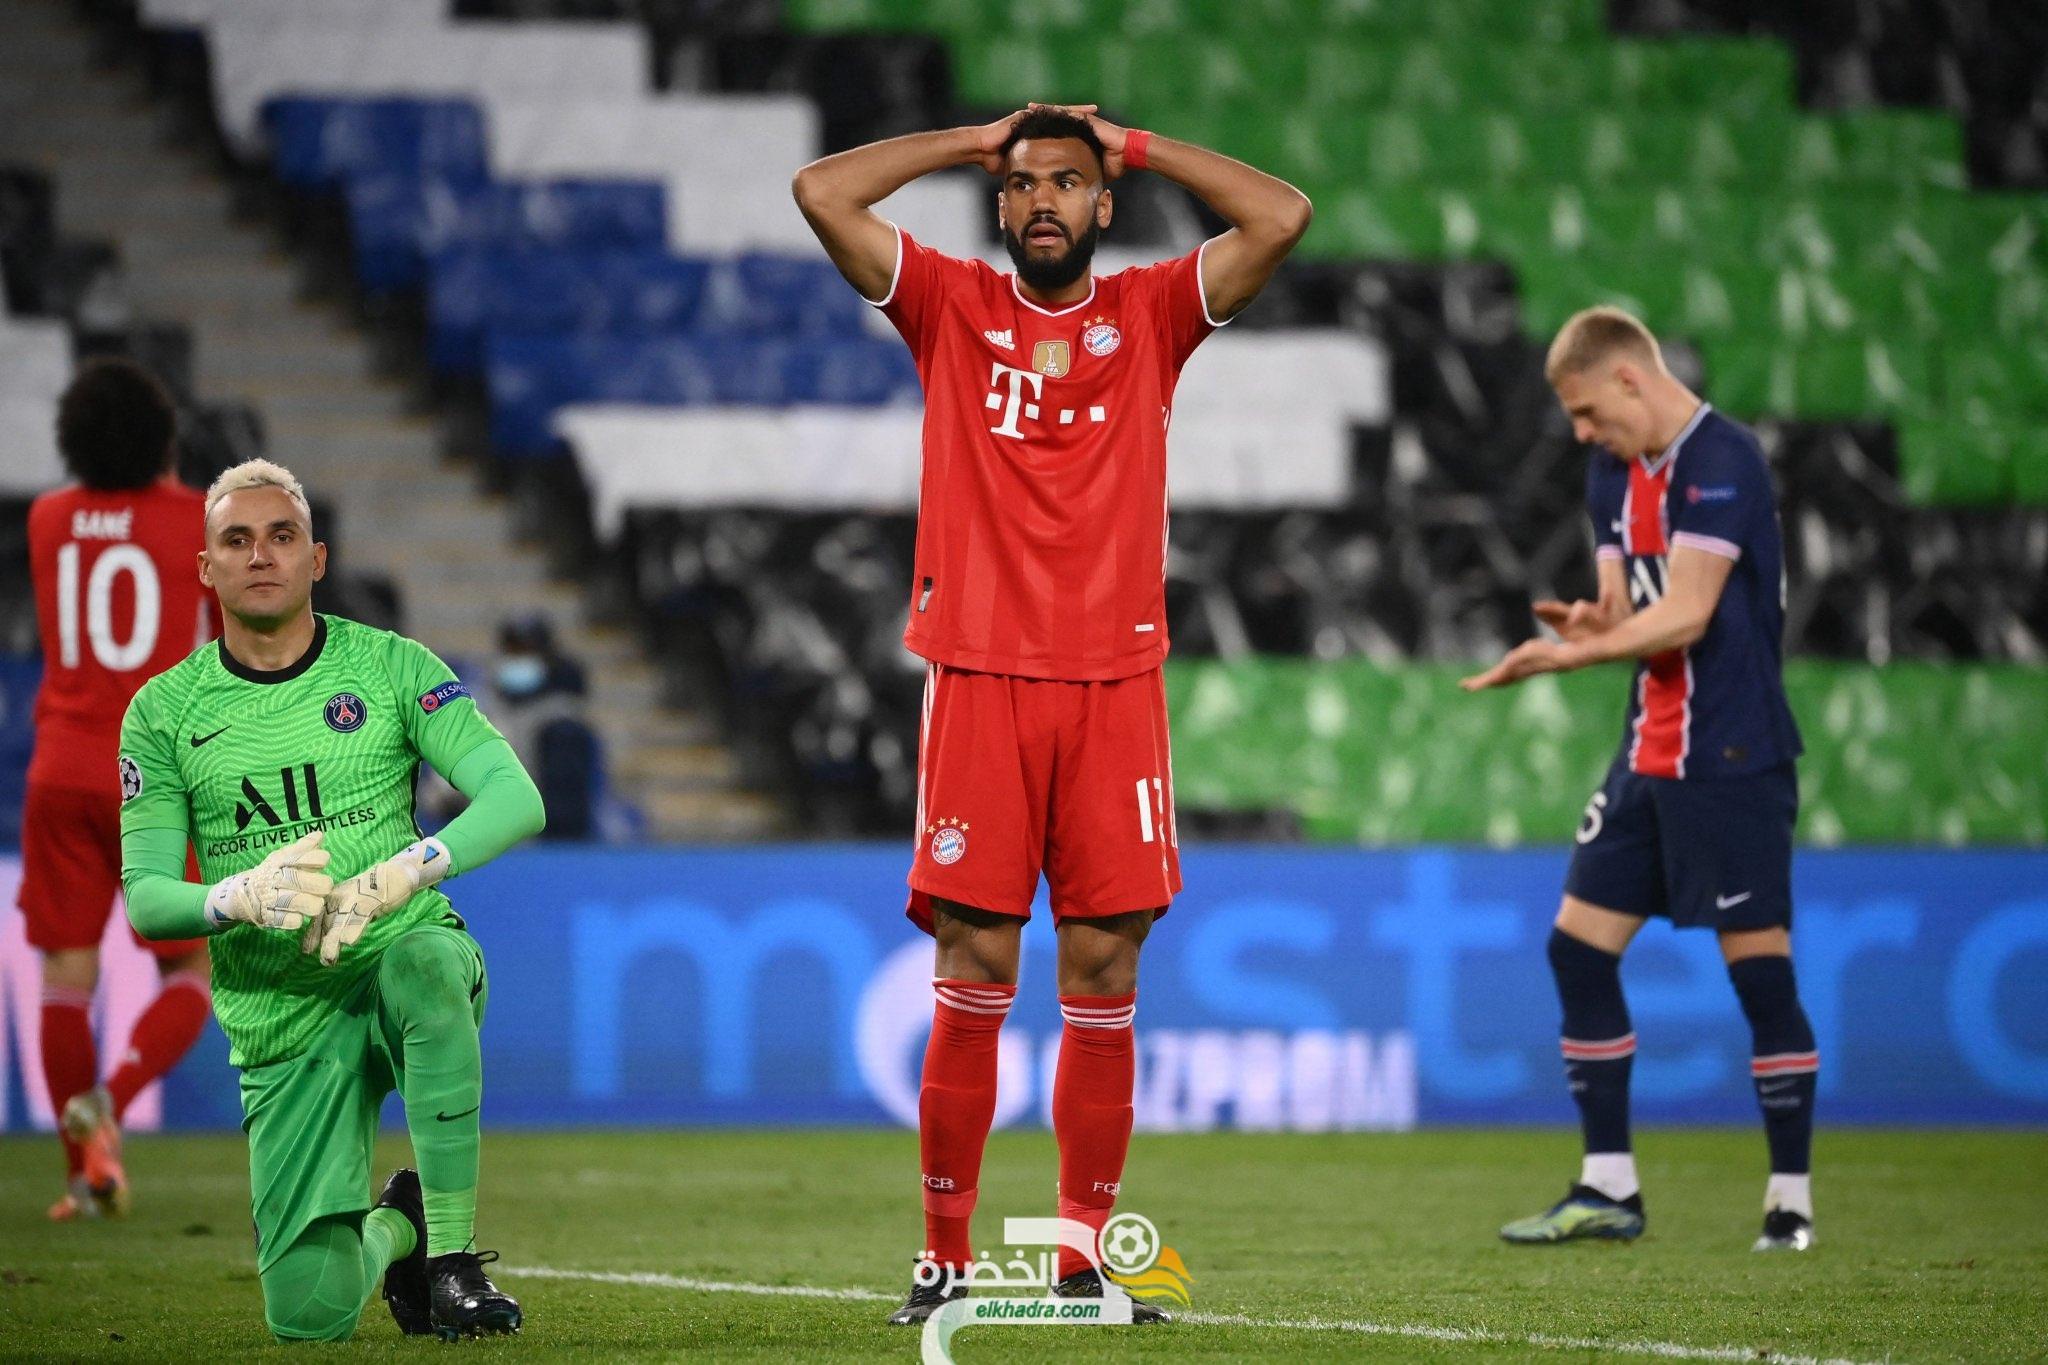 باريس سان جيرمان لنصف نهائي دوري أبطال أوروبا 28